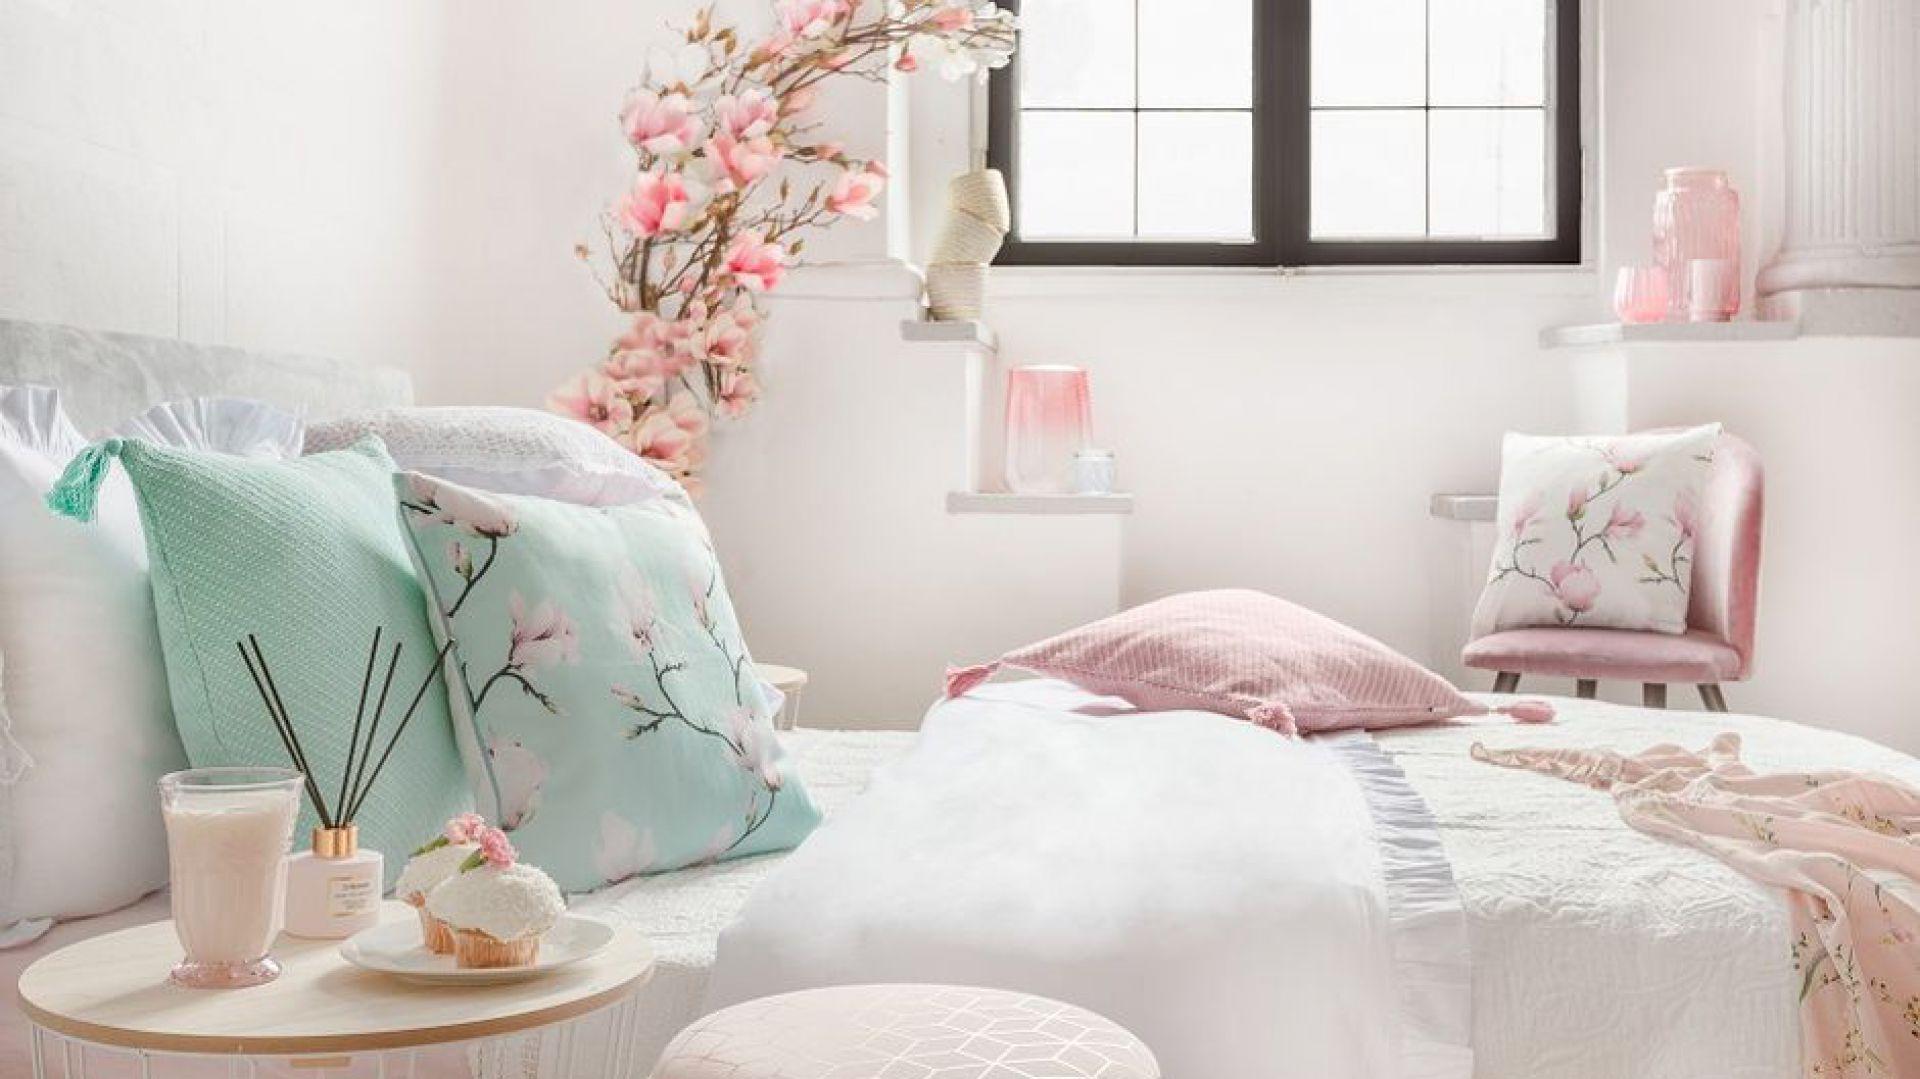 Kolekcja tekstyliów Magnolia Romantic. Fot. Homla